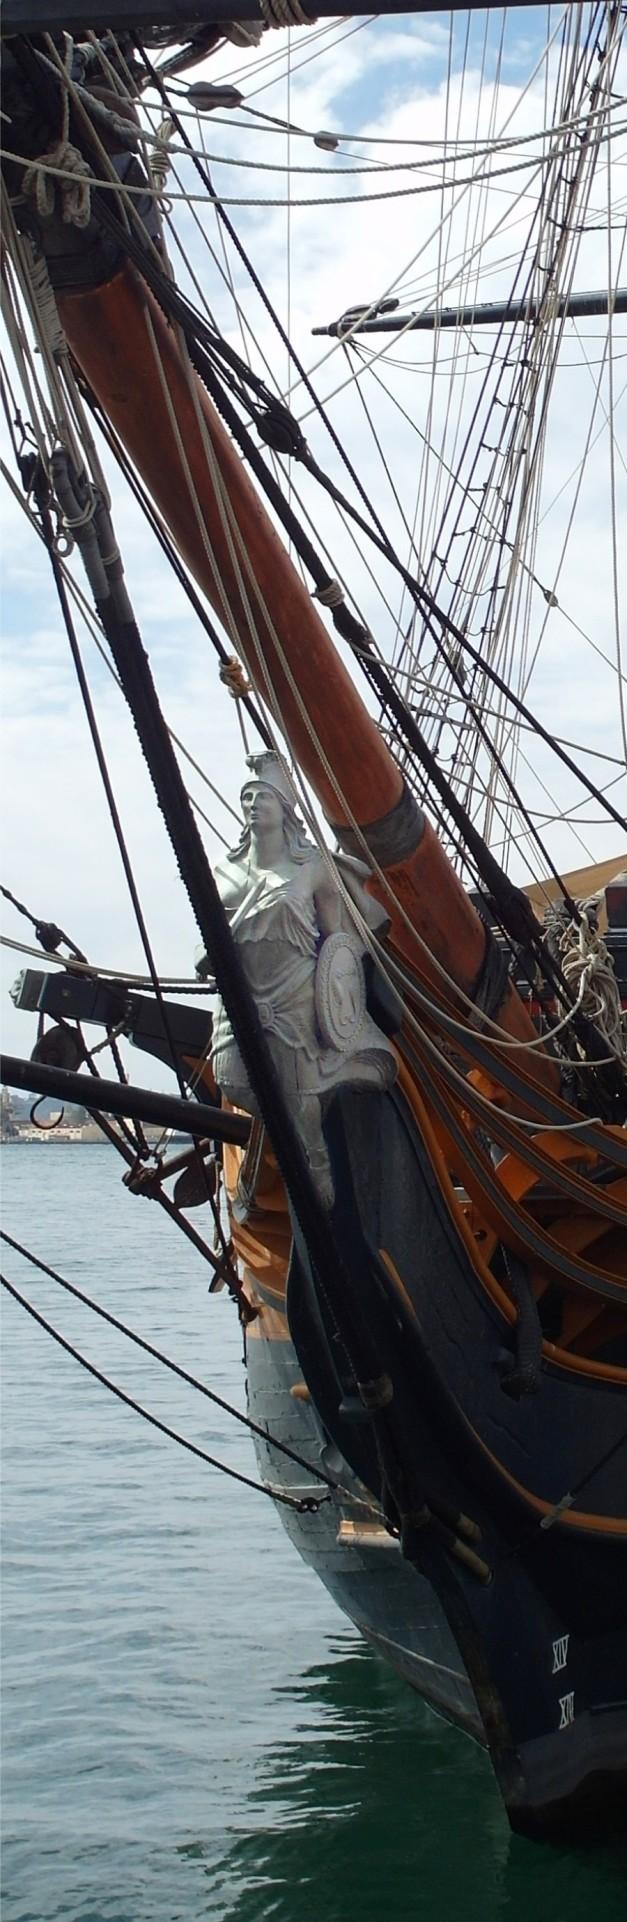 FigHea:HMSsuprise-13